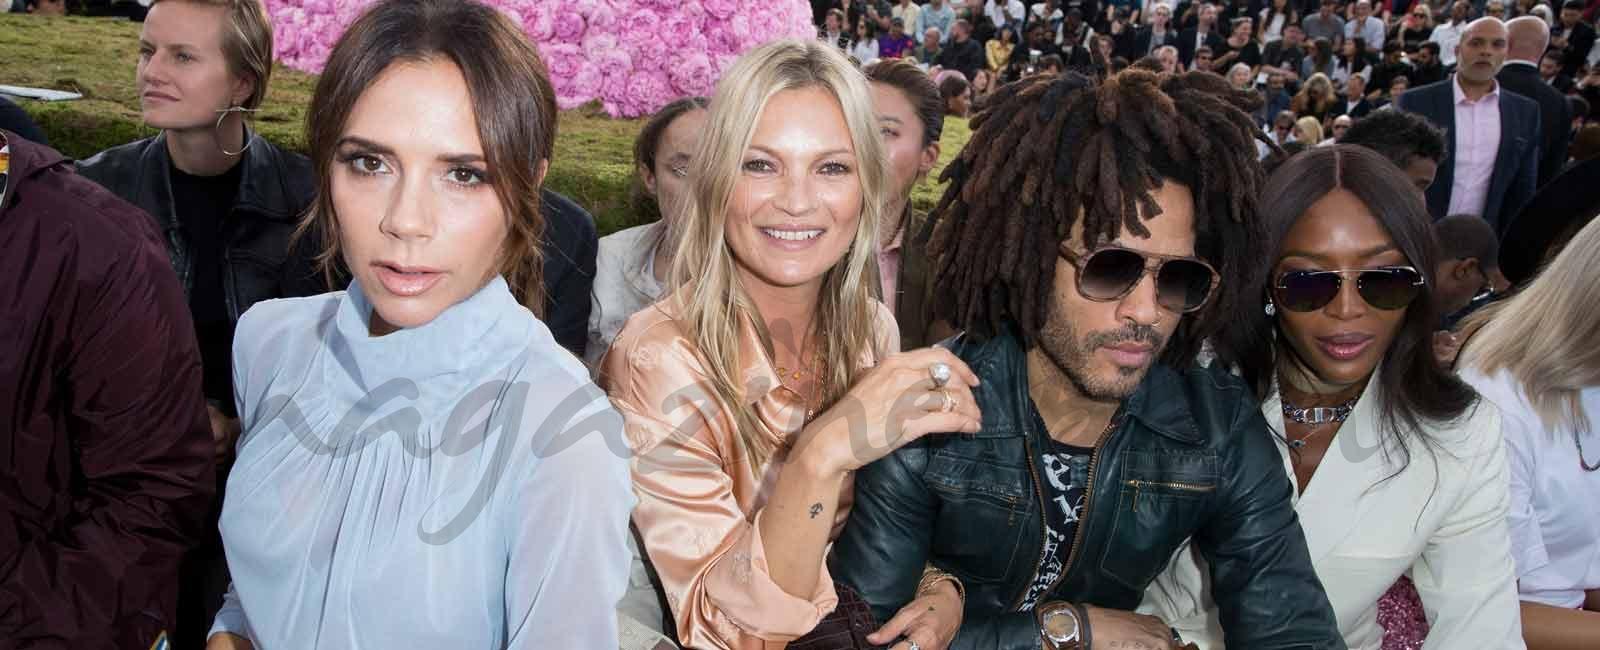 Desfile de famosos VIP en el front row de Dior  Homme